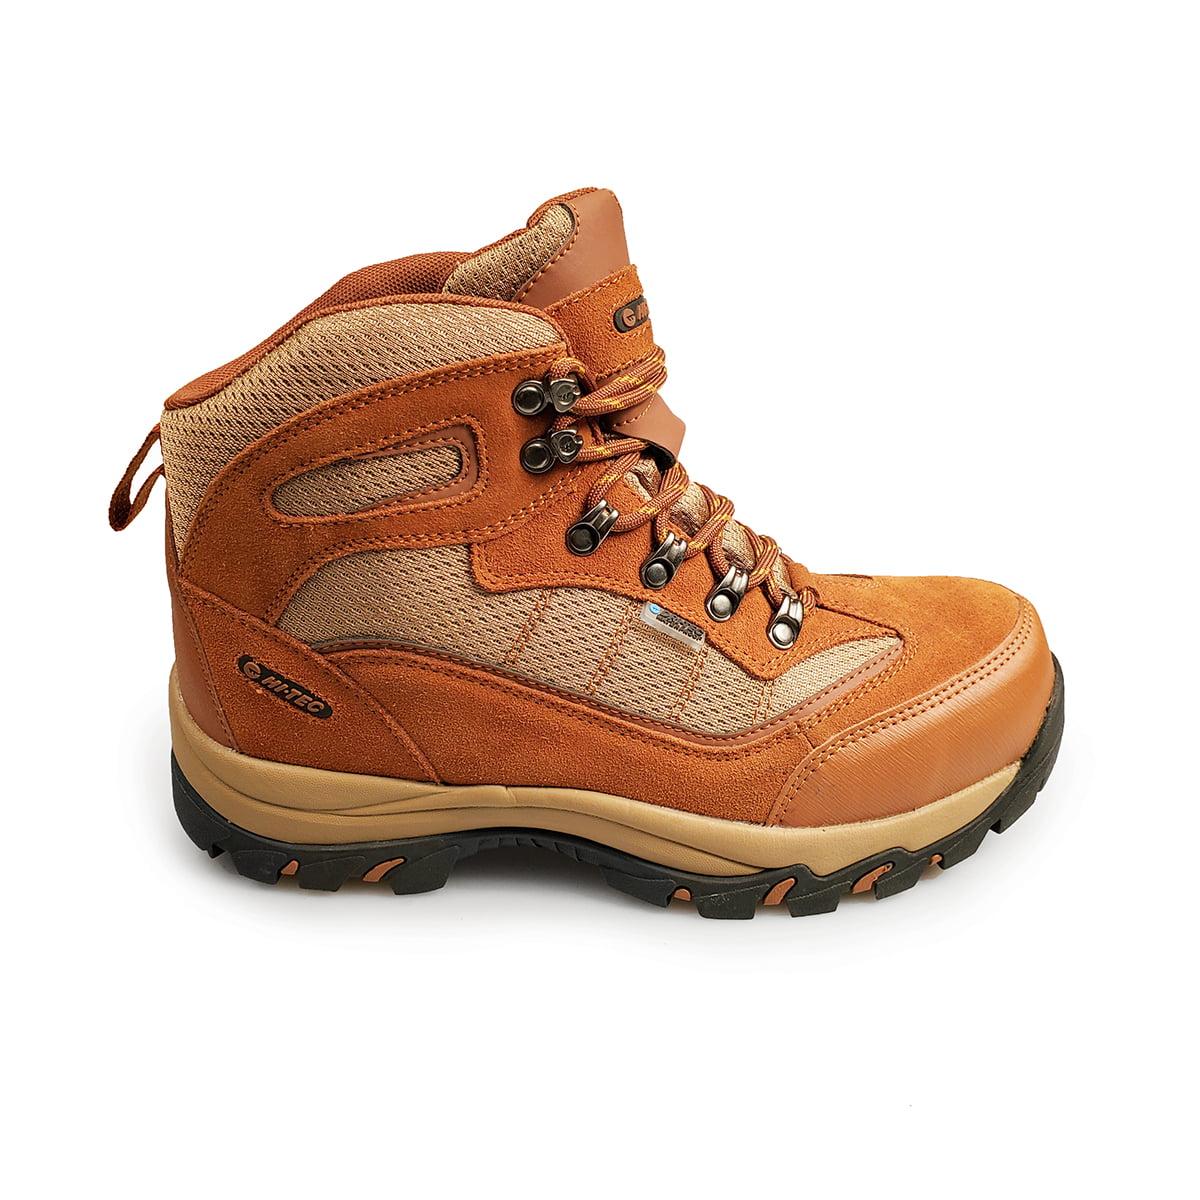 Hi-Tec HiTec Skamania WP Hiking Boot